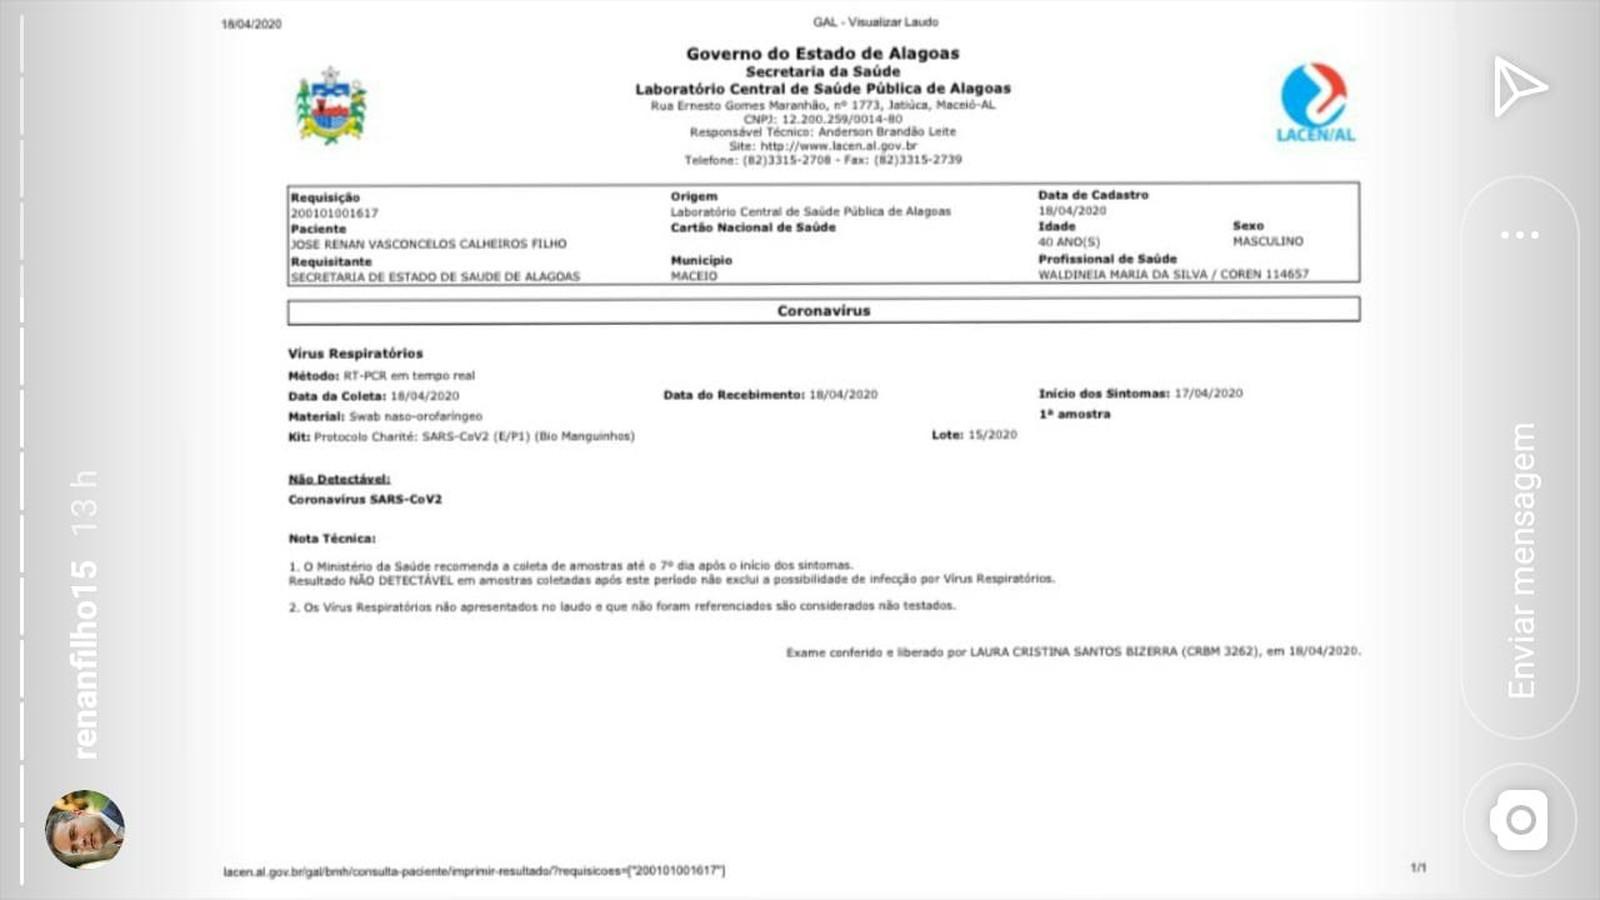 Exame do governador de Alagoas, Renan Filho, deu negativo para Covid-19 - Foto: Reprodução/Instagram